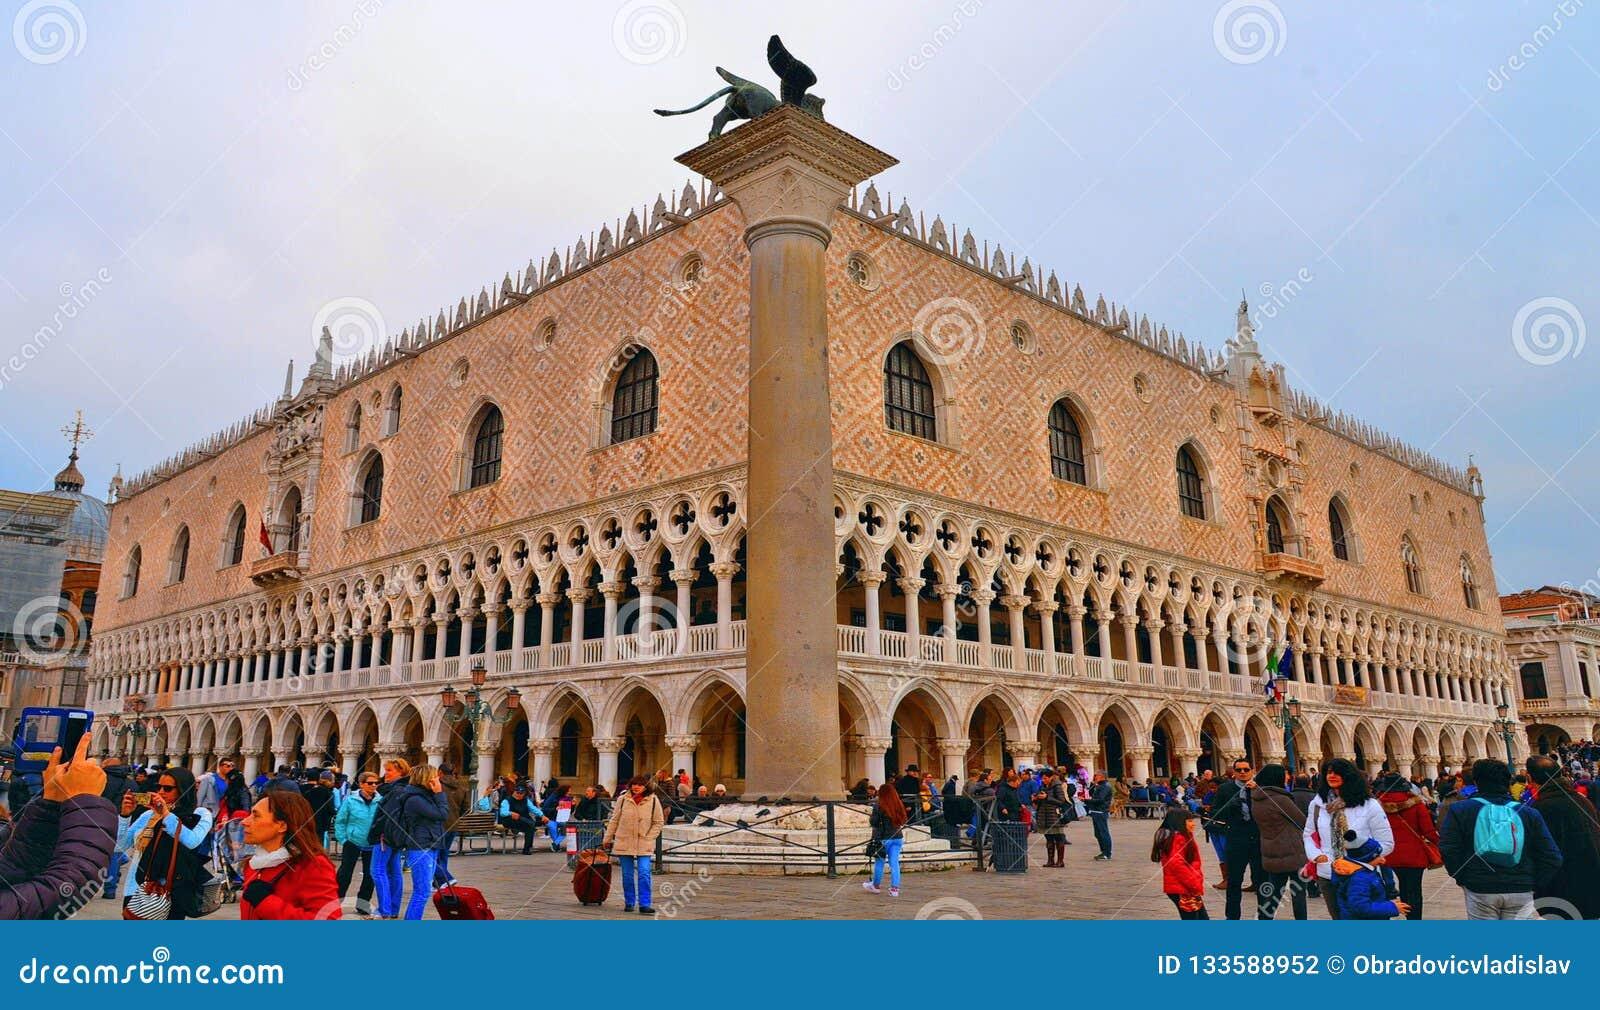 Tłumy turyści bada piazza San Marco St Mark kwadrat z doża pałac w Wenecja, Włochy